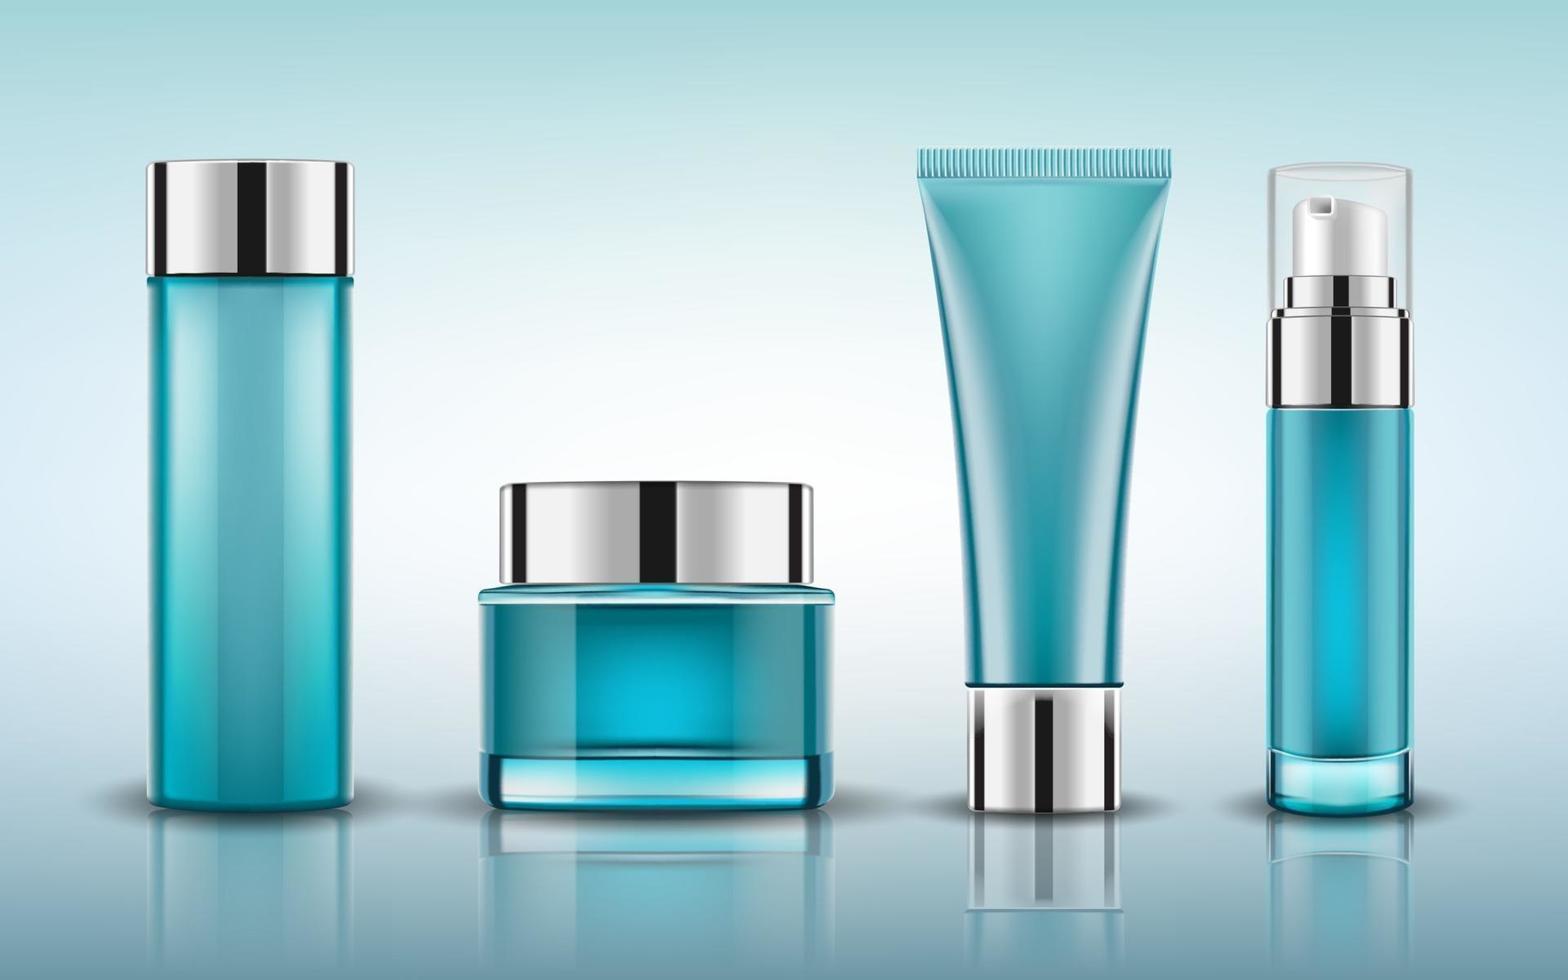 uppsättning blå kosmetiska flaskor förpackning mockup, redo för din design, vektorillustration. vektor